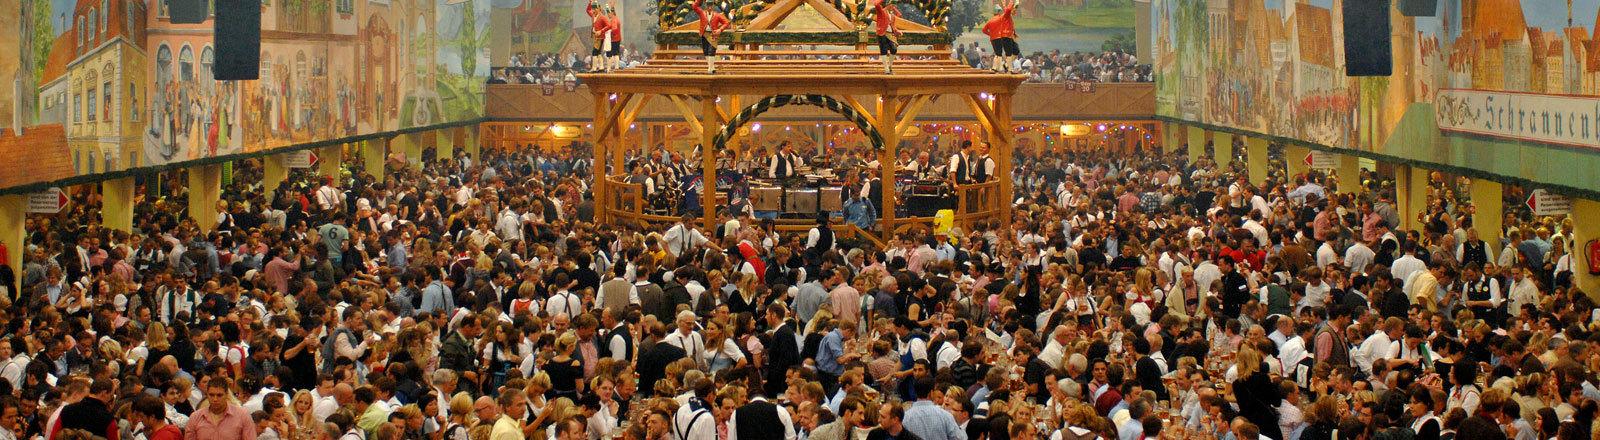 Menschen feiern beim Oktoberfest in einem Bierzelt.